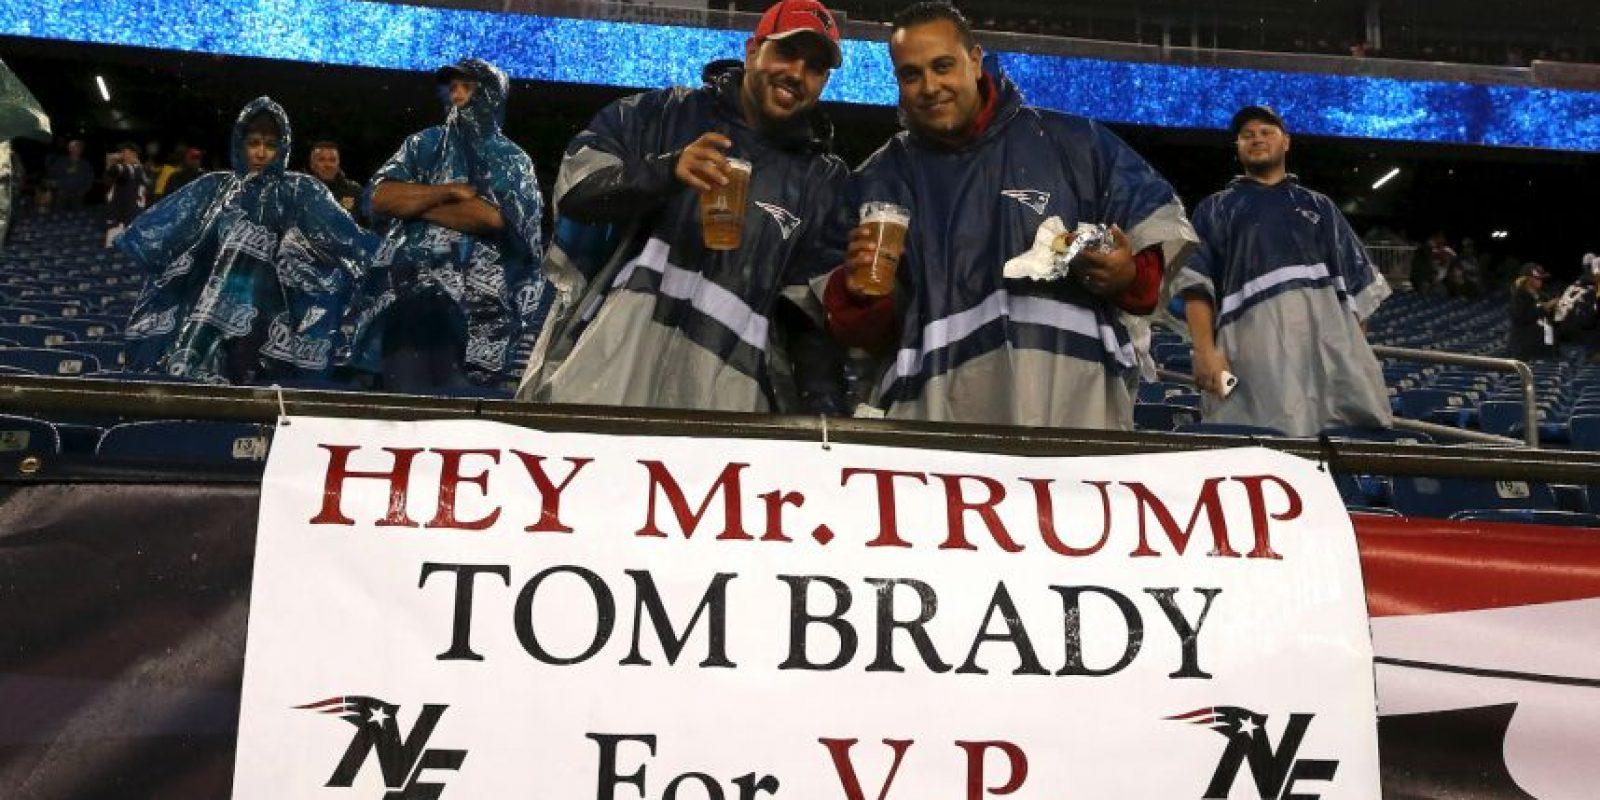 Previo al arranque de la NFL, una imagen del vestidor de Tom Brady, mariscal de campo de los New England Patriots se hizo viral. Foto:Getty Images